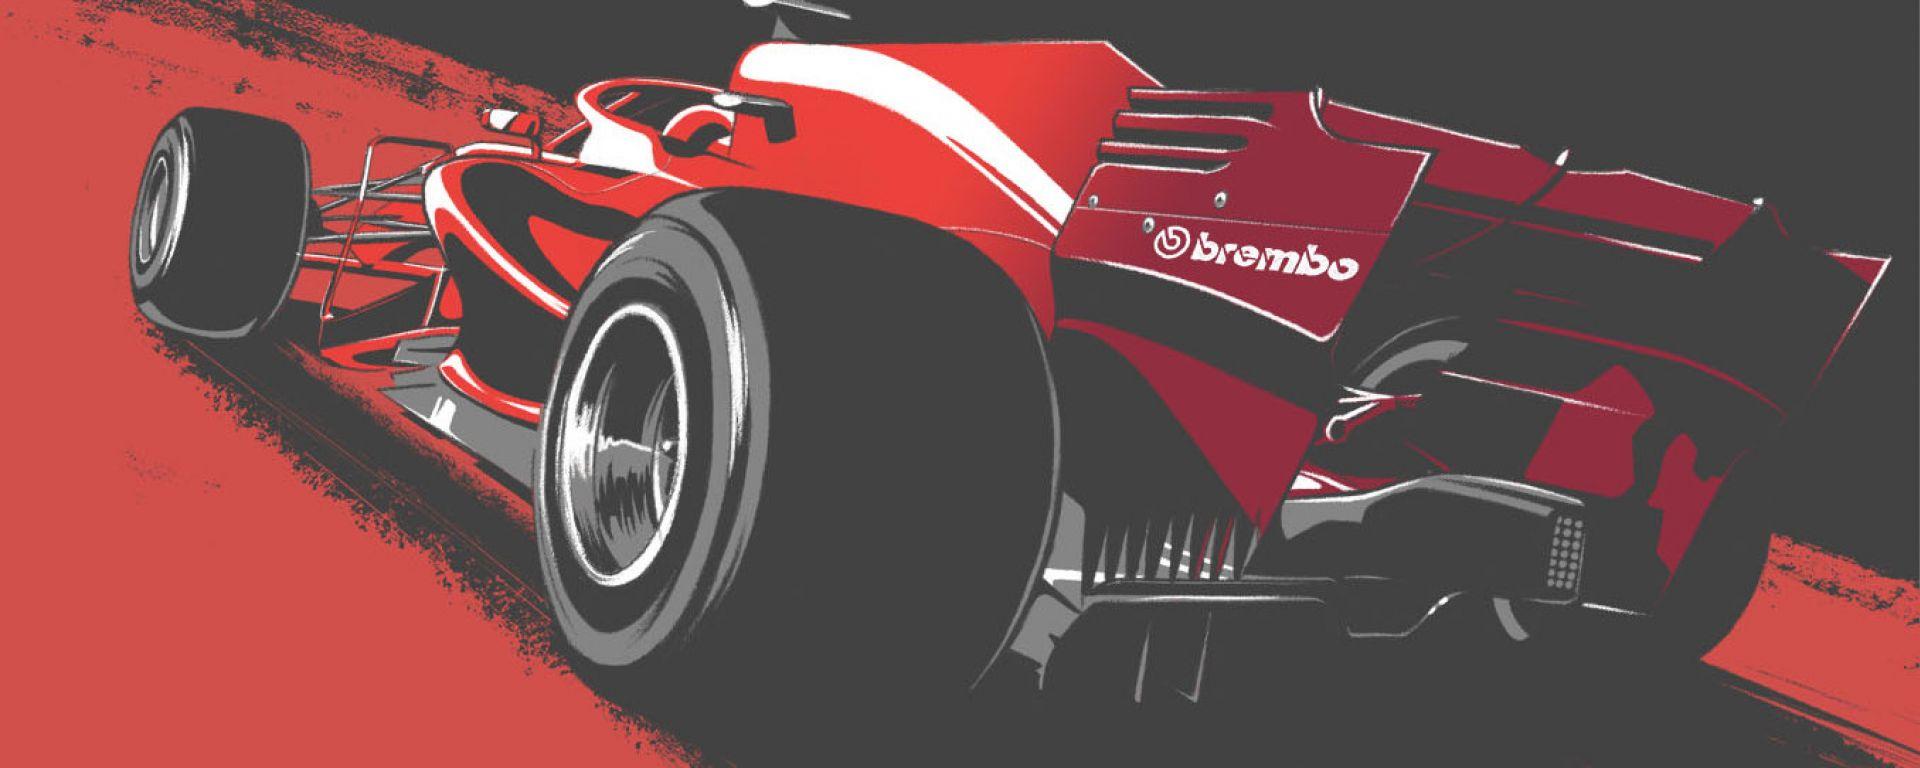 Lunghezza frenata Ferrari by Brembo